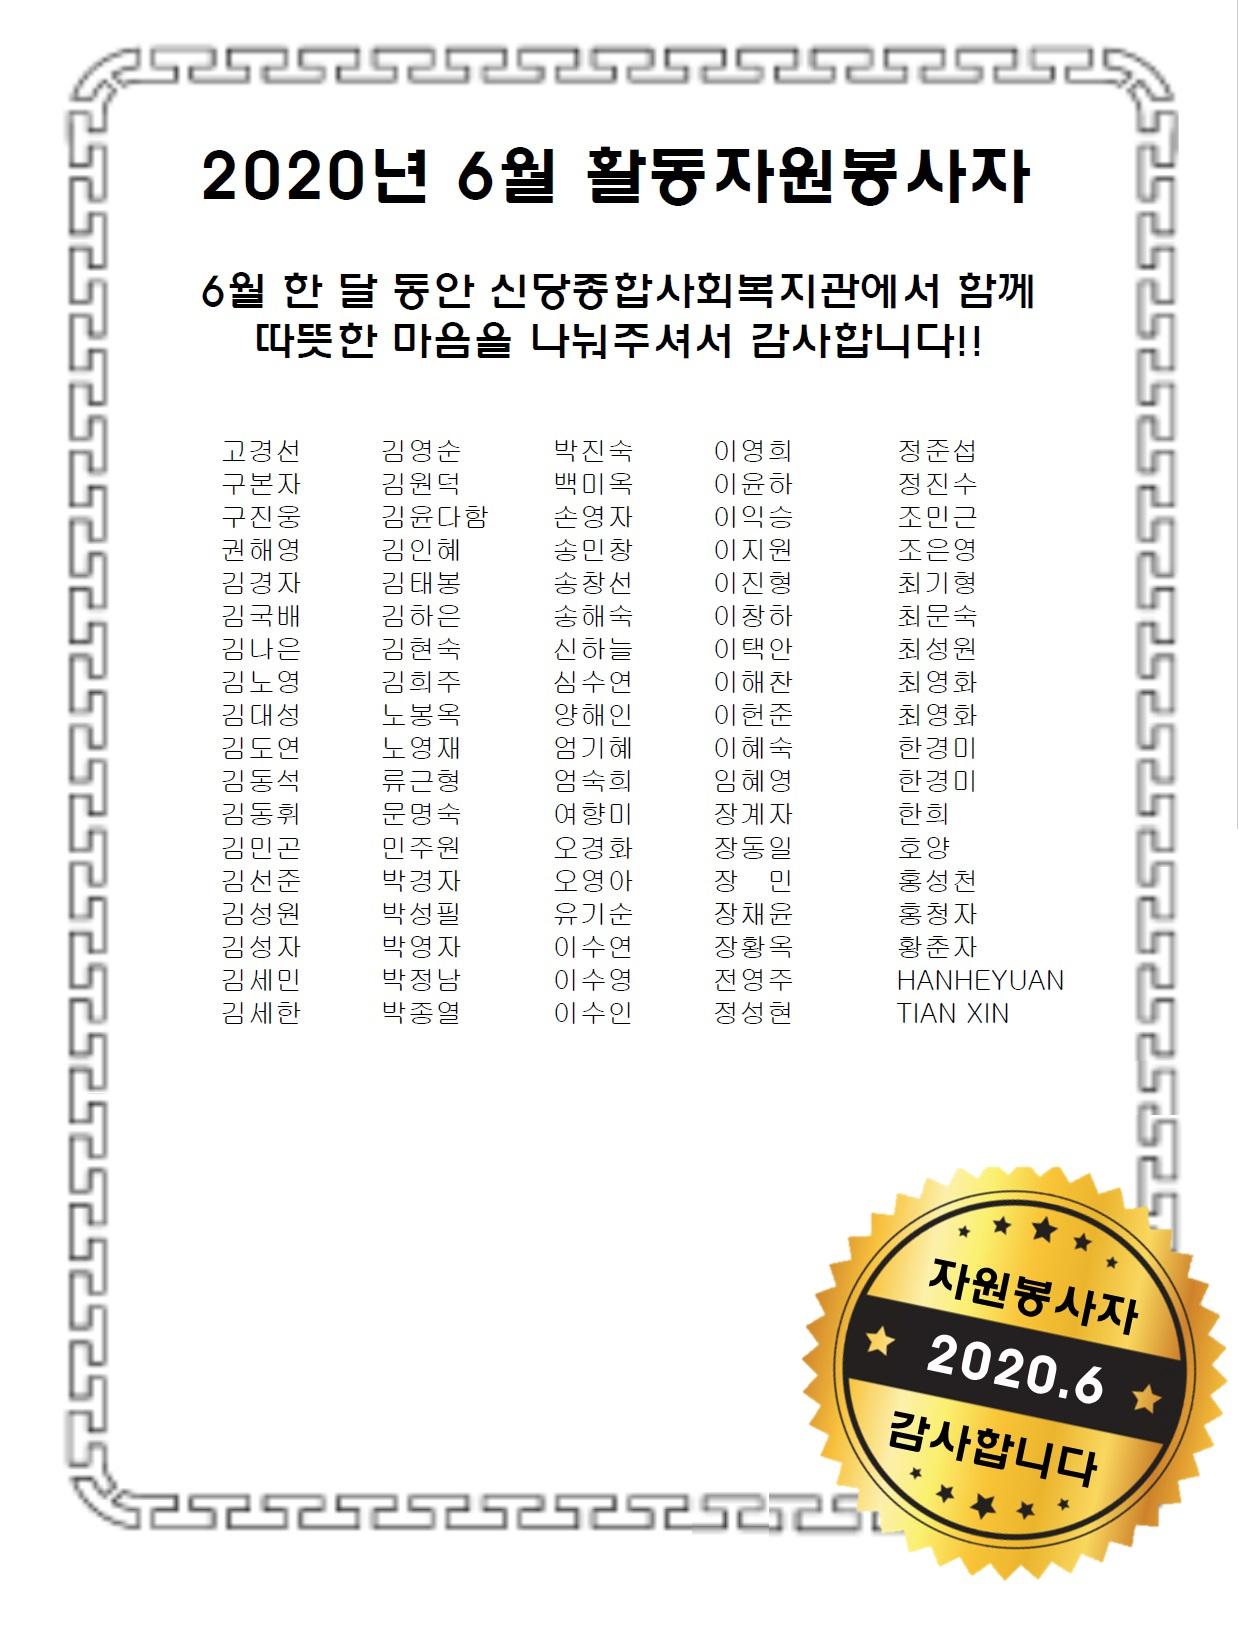 2020년 6월 신당복지관과 함께해주신 자원봉사자분들을 소개합니다♥